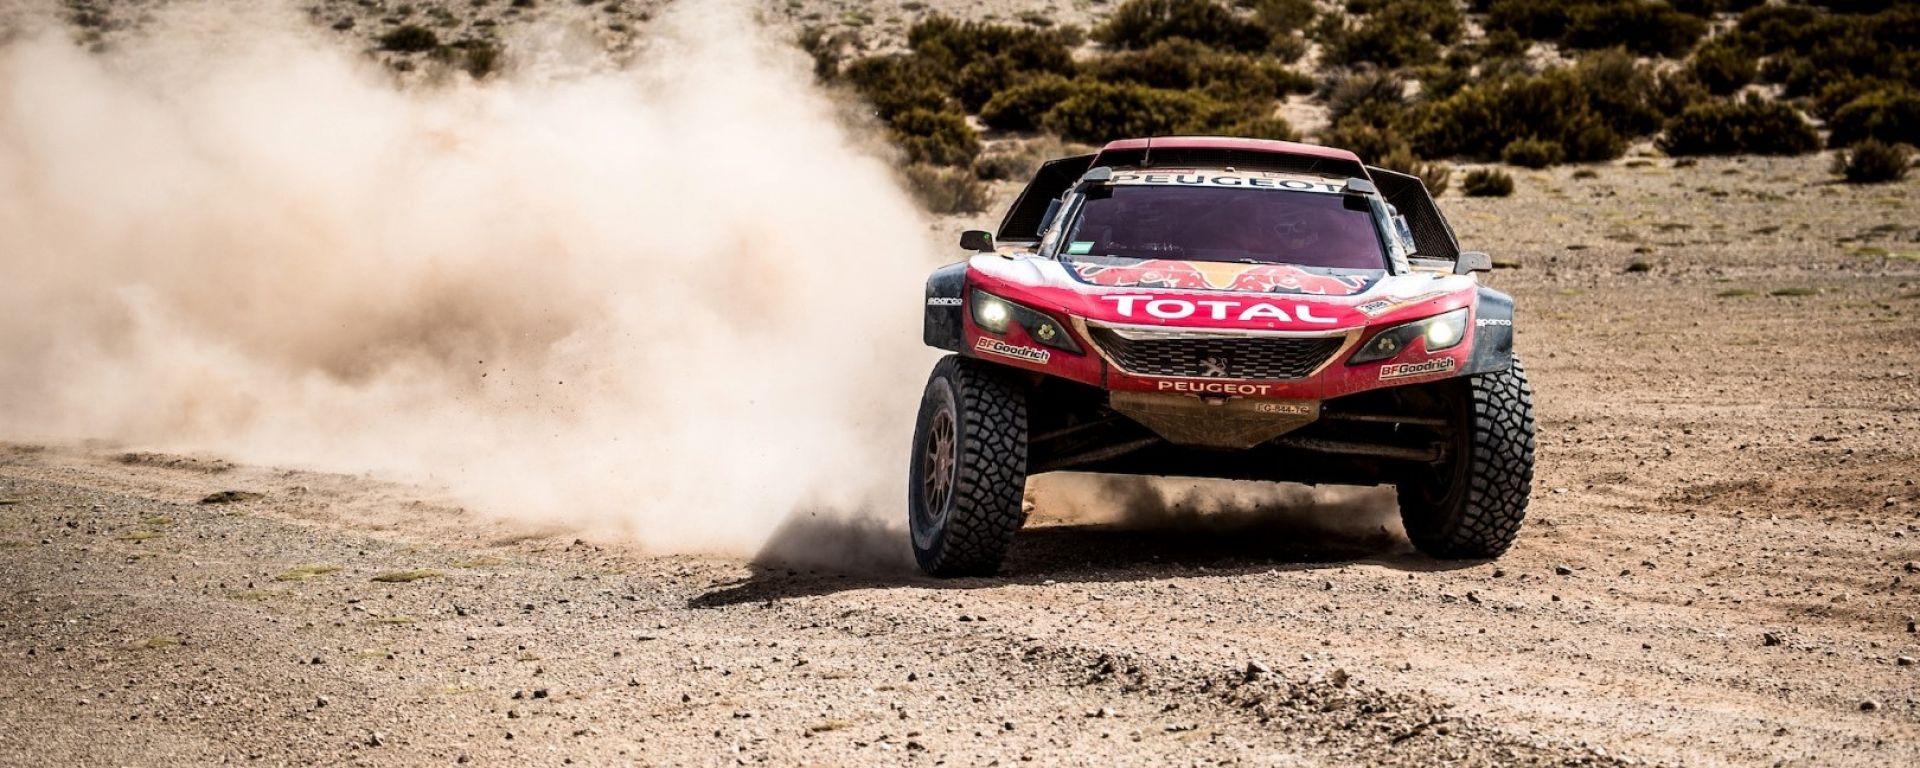 Dakar 2018, tappa 8: le dichiarazioni degli uomini Peugeot